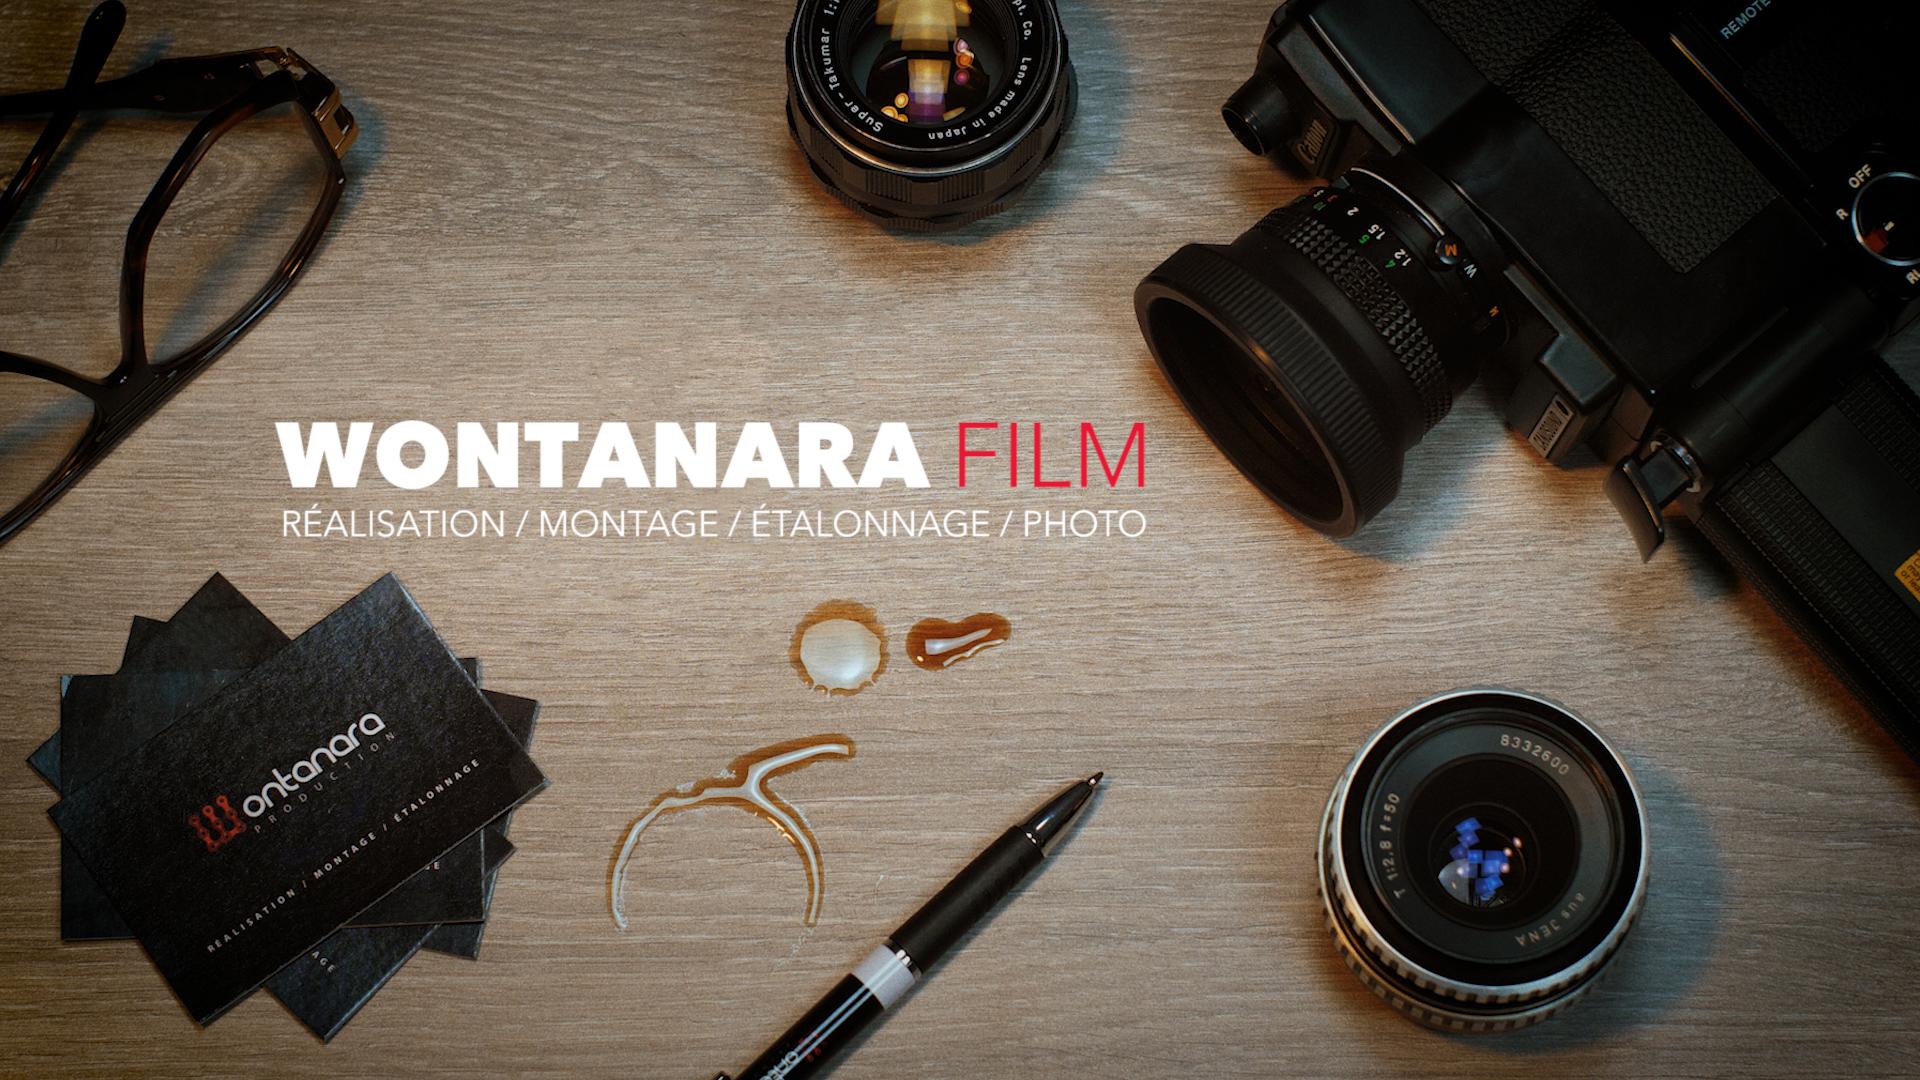 Wontanara